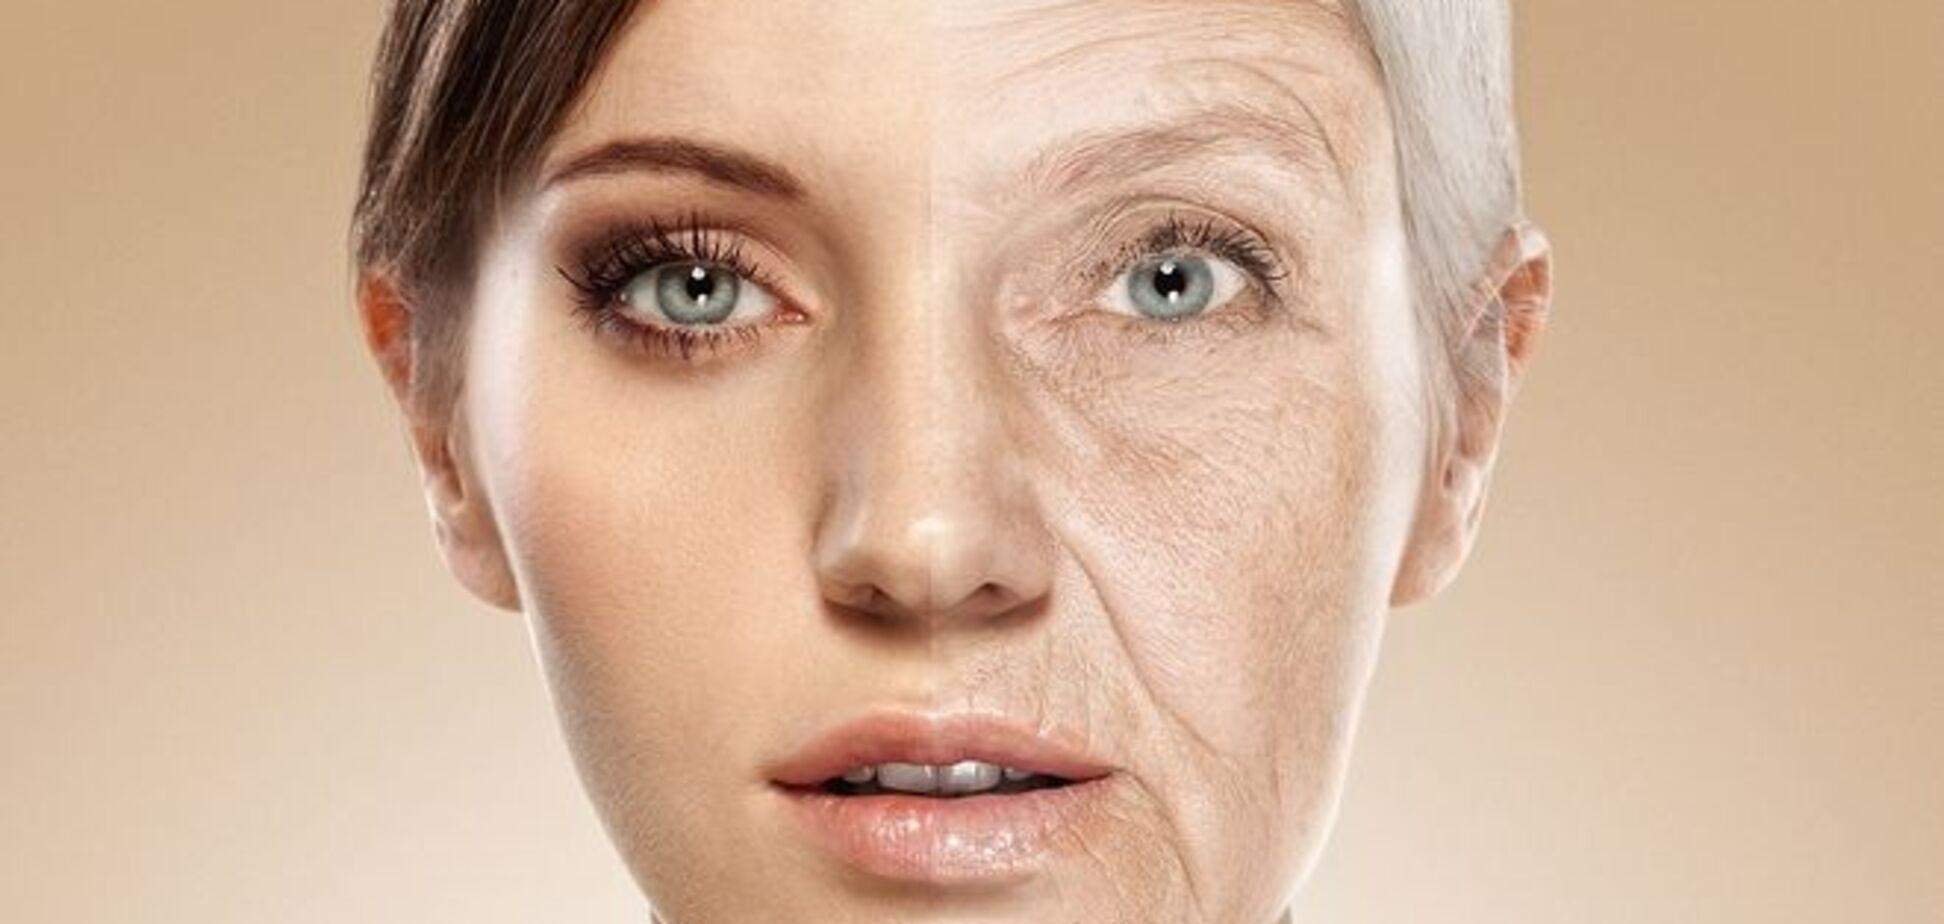 Ученые выяснили, от чего быстро стареют женщины